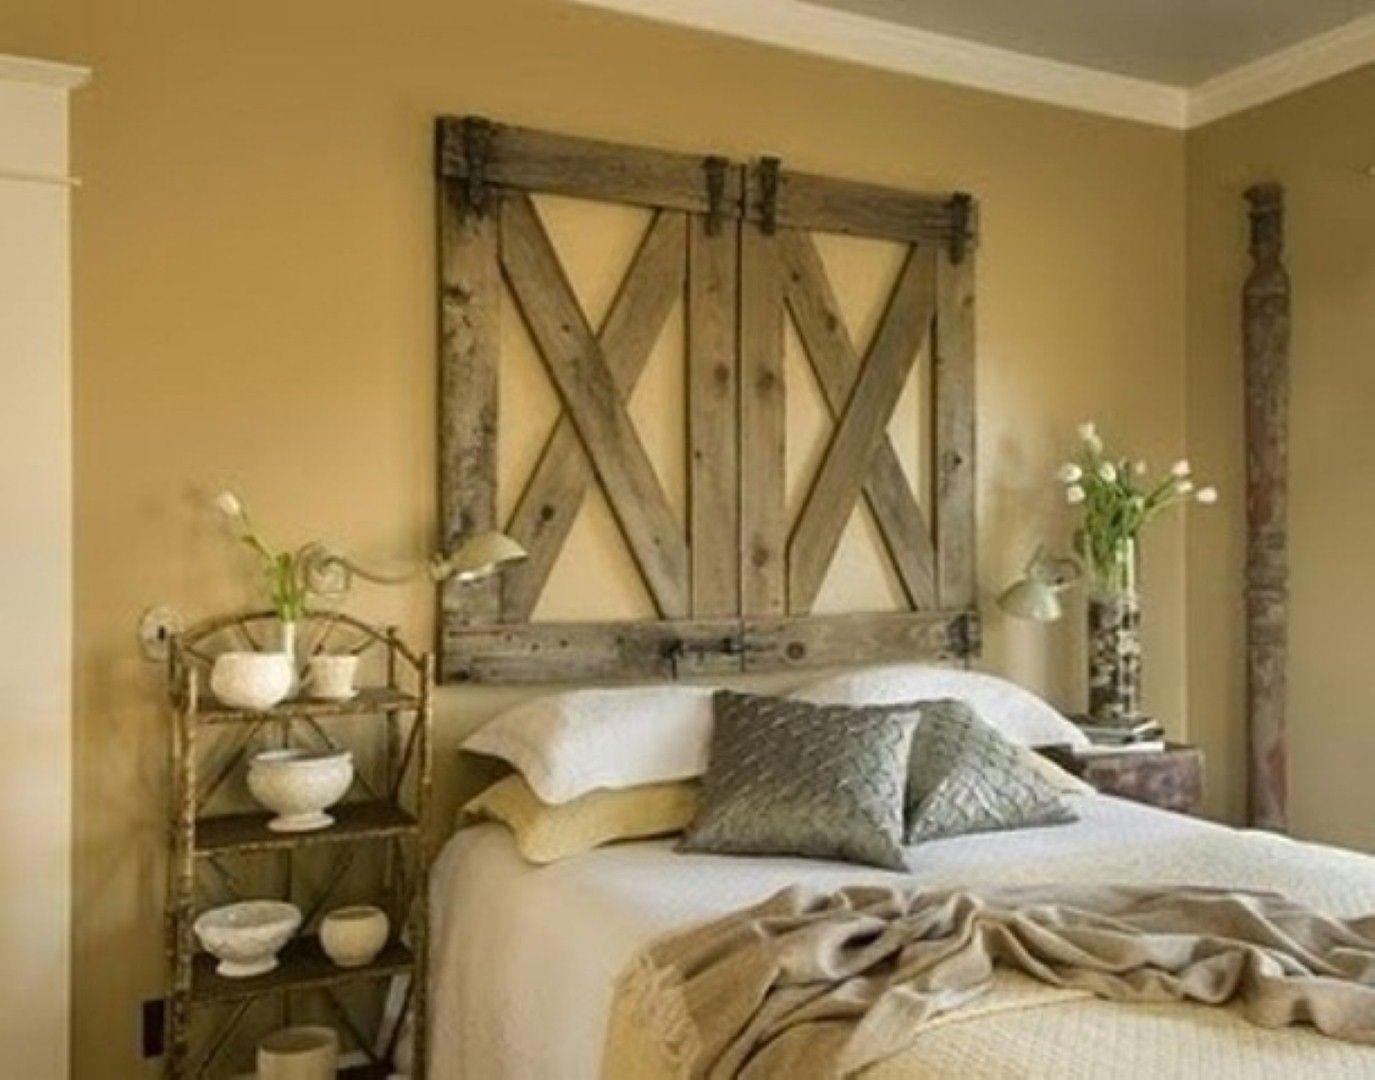 Diy Rustic Bedroom Ideas Diy Rustic Decor